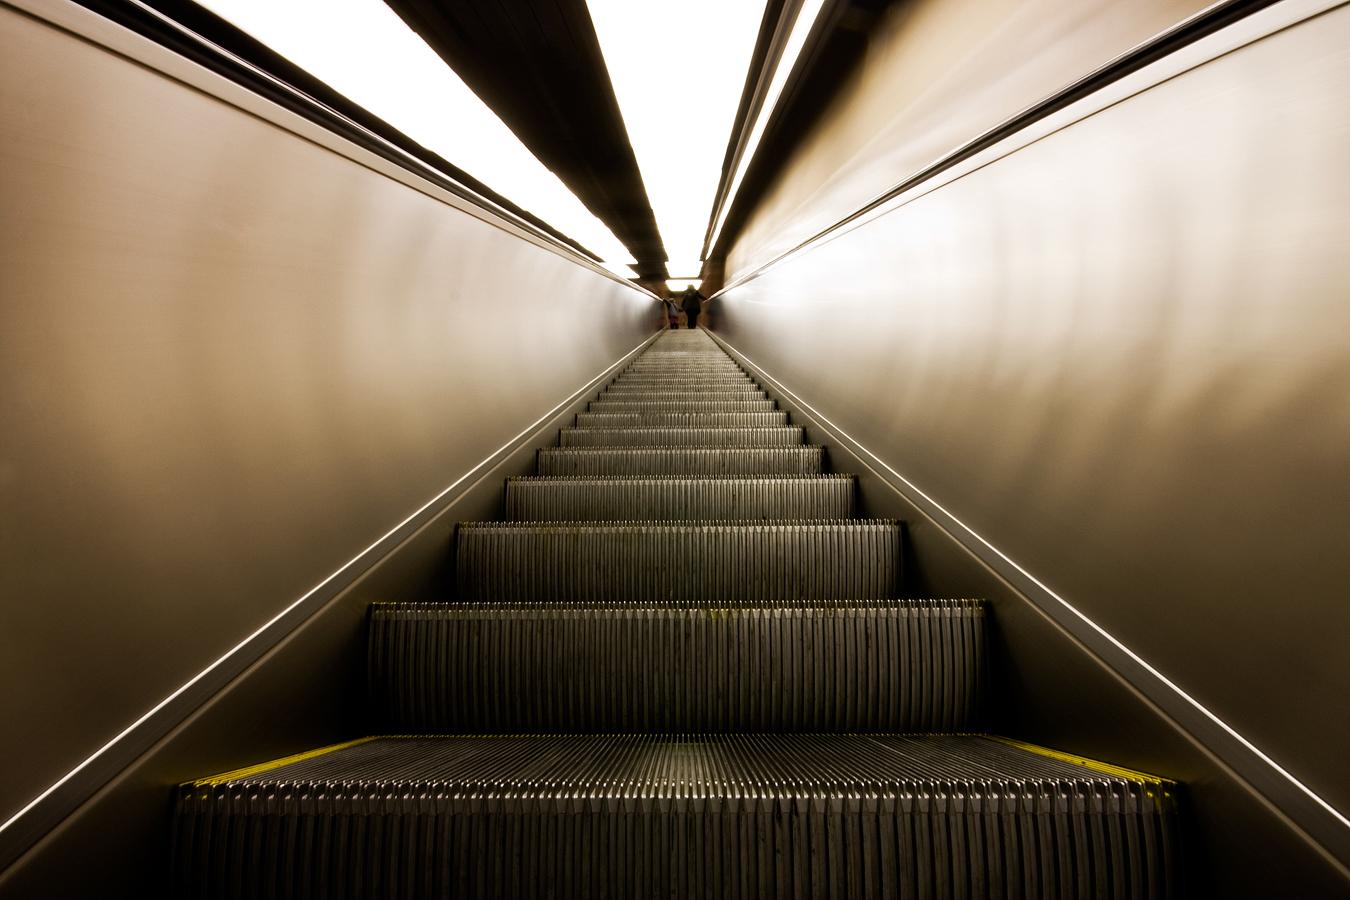 Escalator III by CalleHoglund